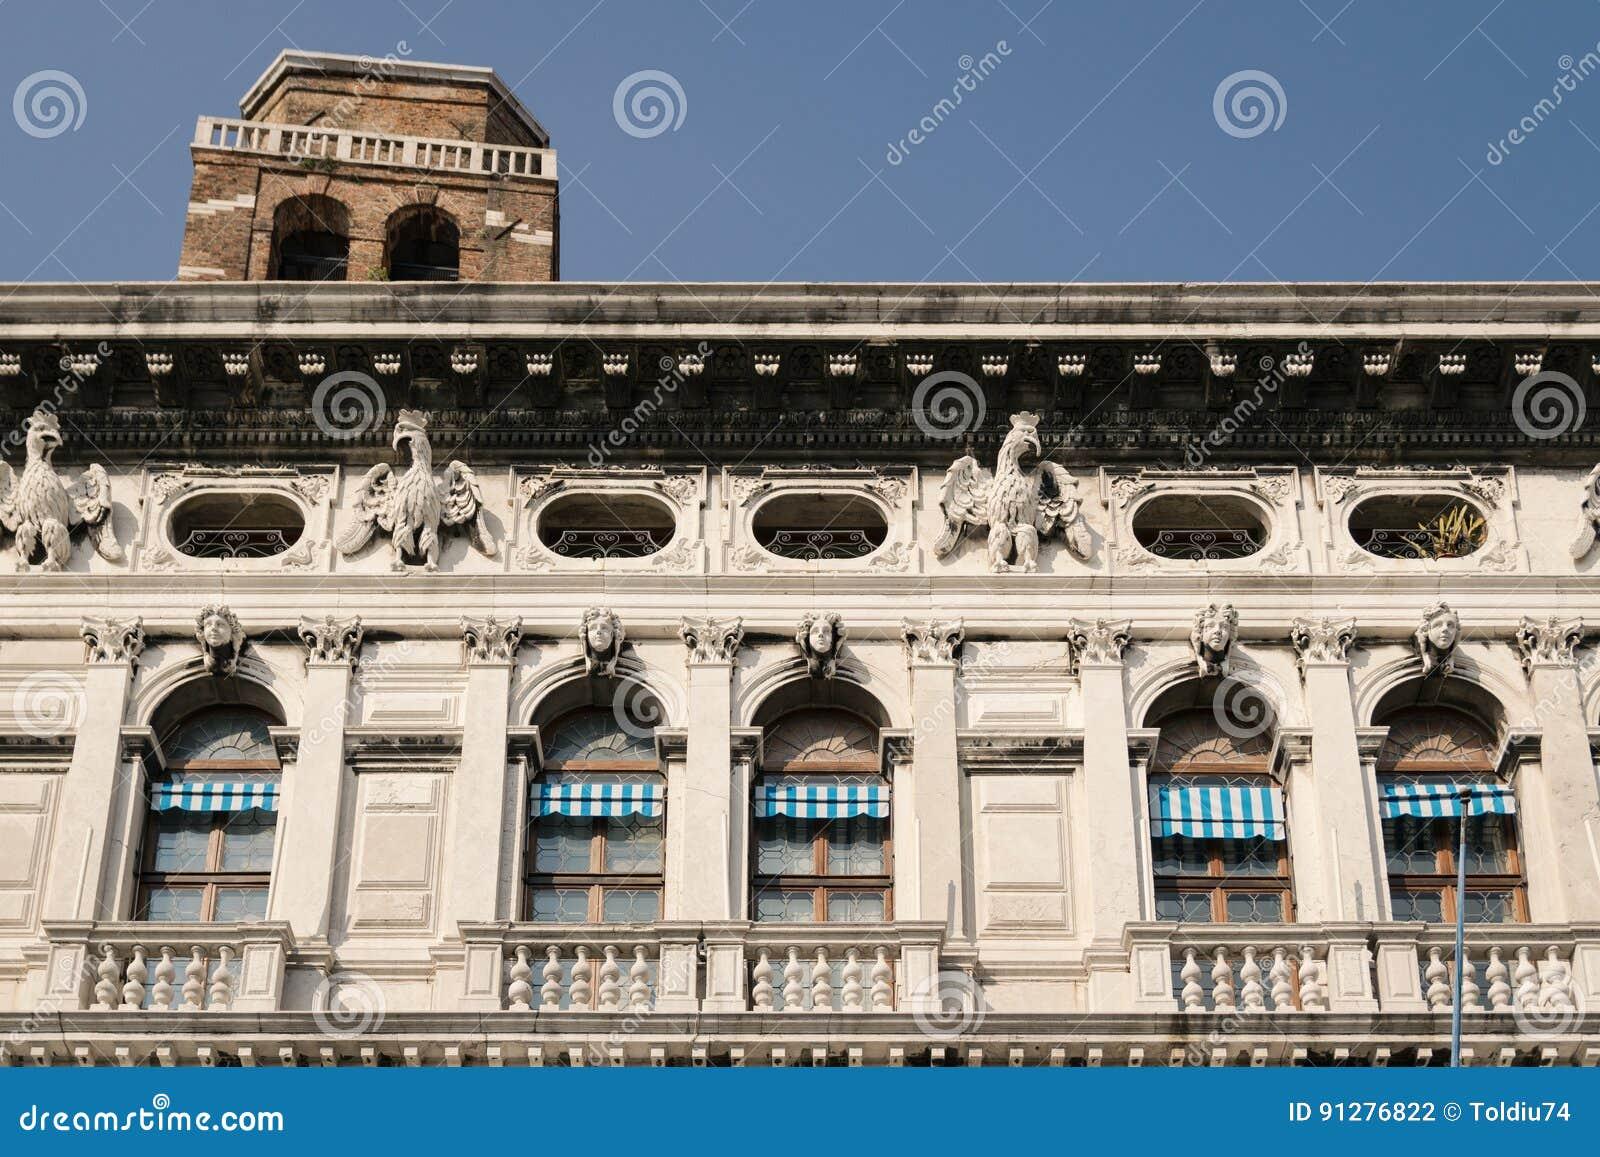 Fasad av en Venetian slott